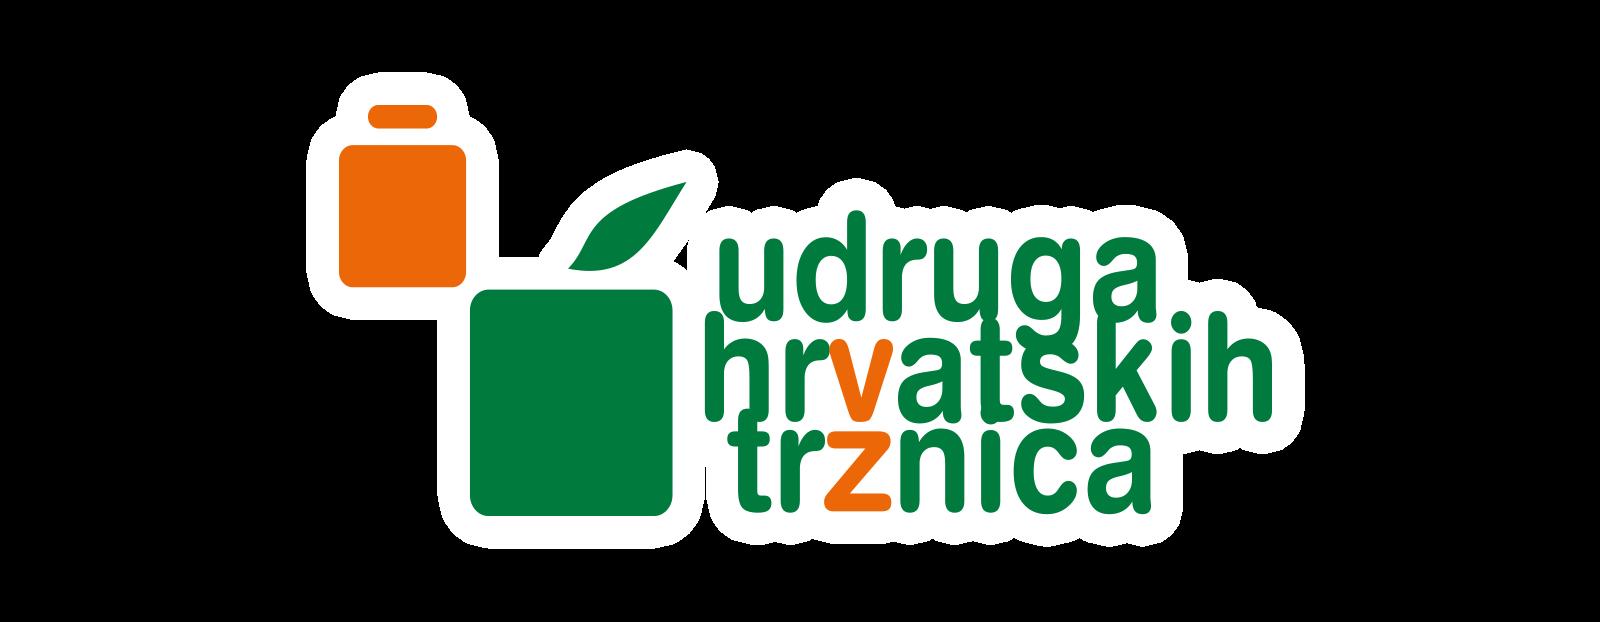 Udruga hrvatskih tržnica